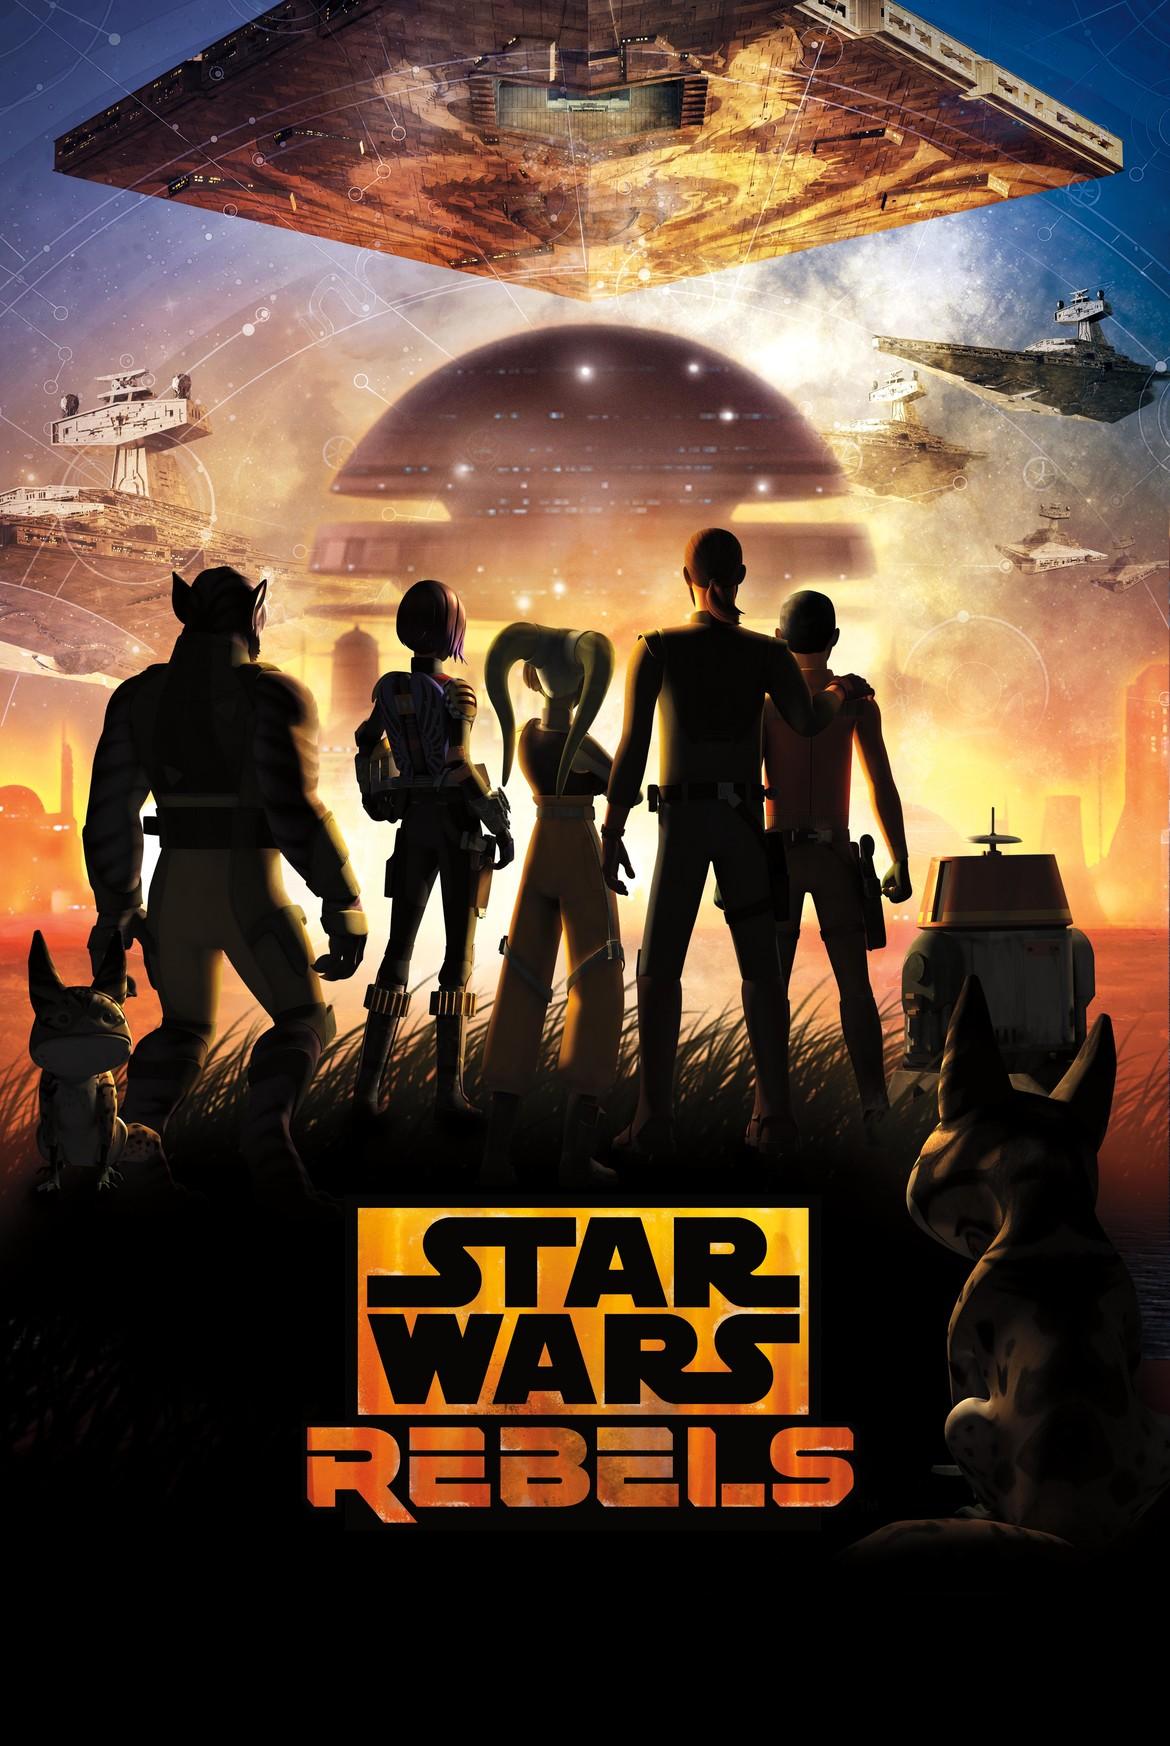 star wars rebels series_finale_key_art.jpg